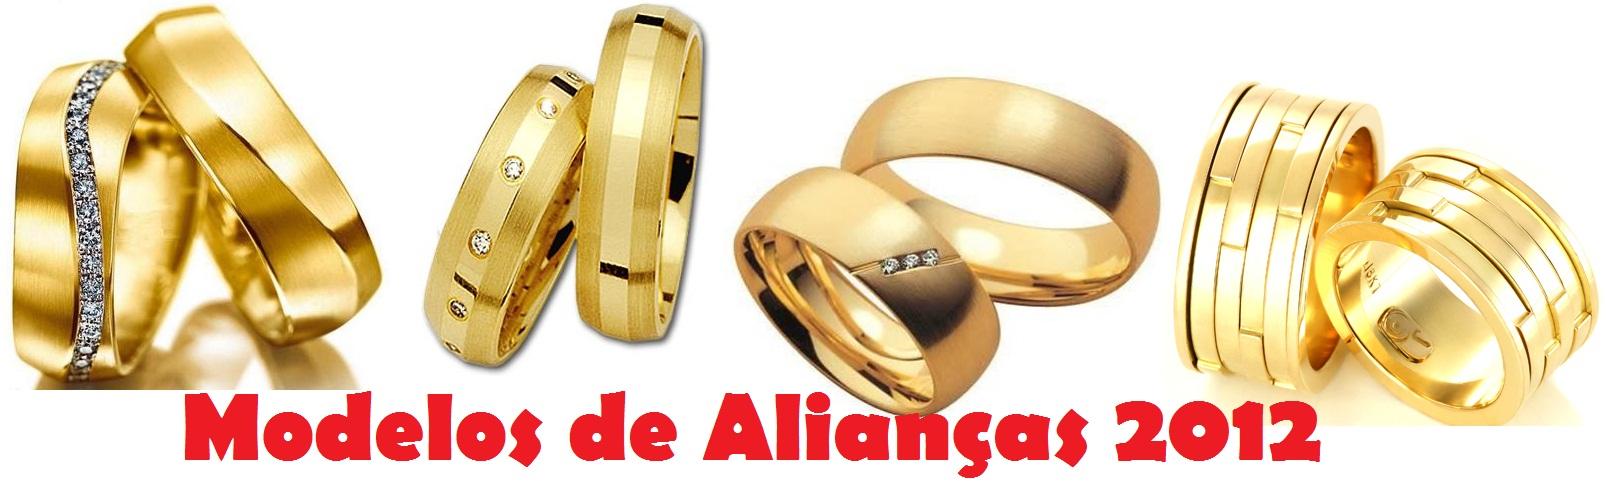 Alianças de Casamento 2012  Novos Modelos, Onde Comprar Modelos de Aliança de Casamento 2012